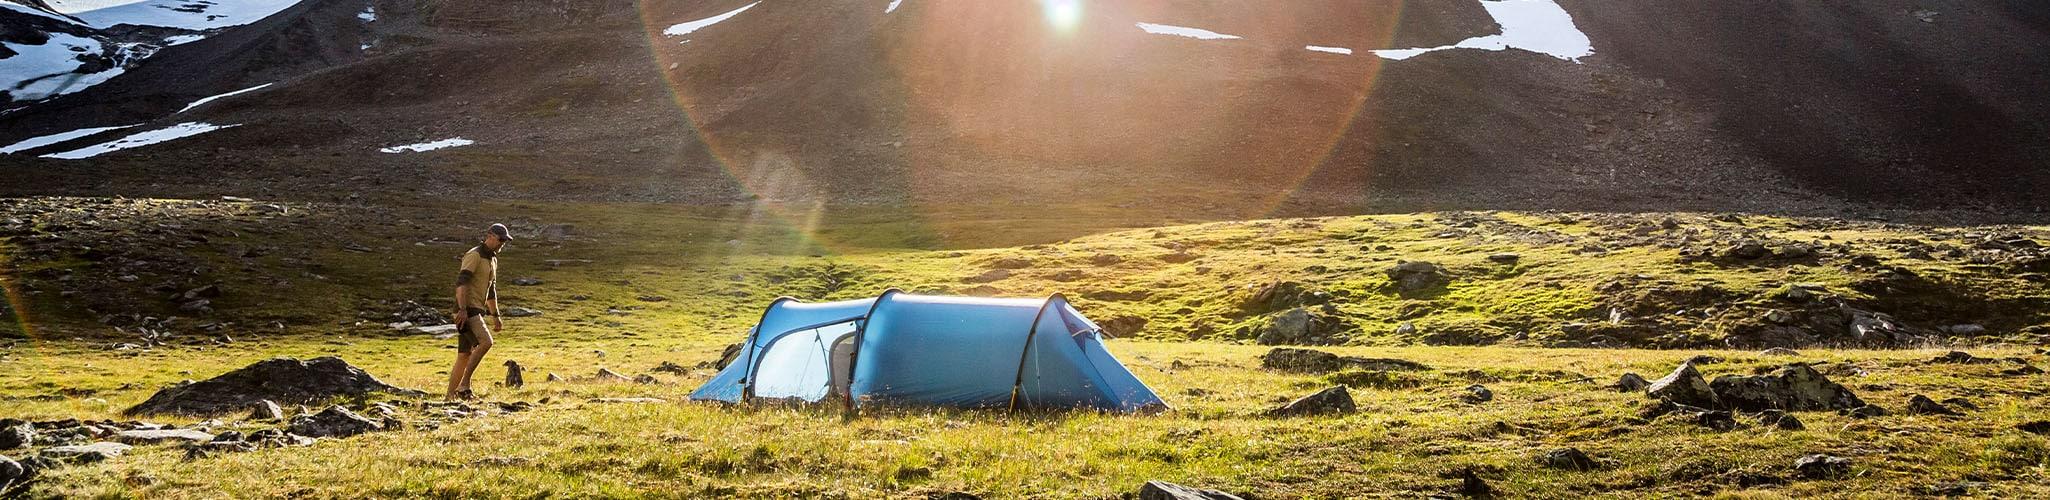 3 sesongs telt | Kjøp i nettbutikk | Hektapatur.no Hekta